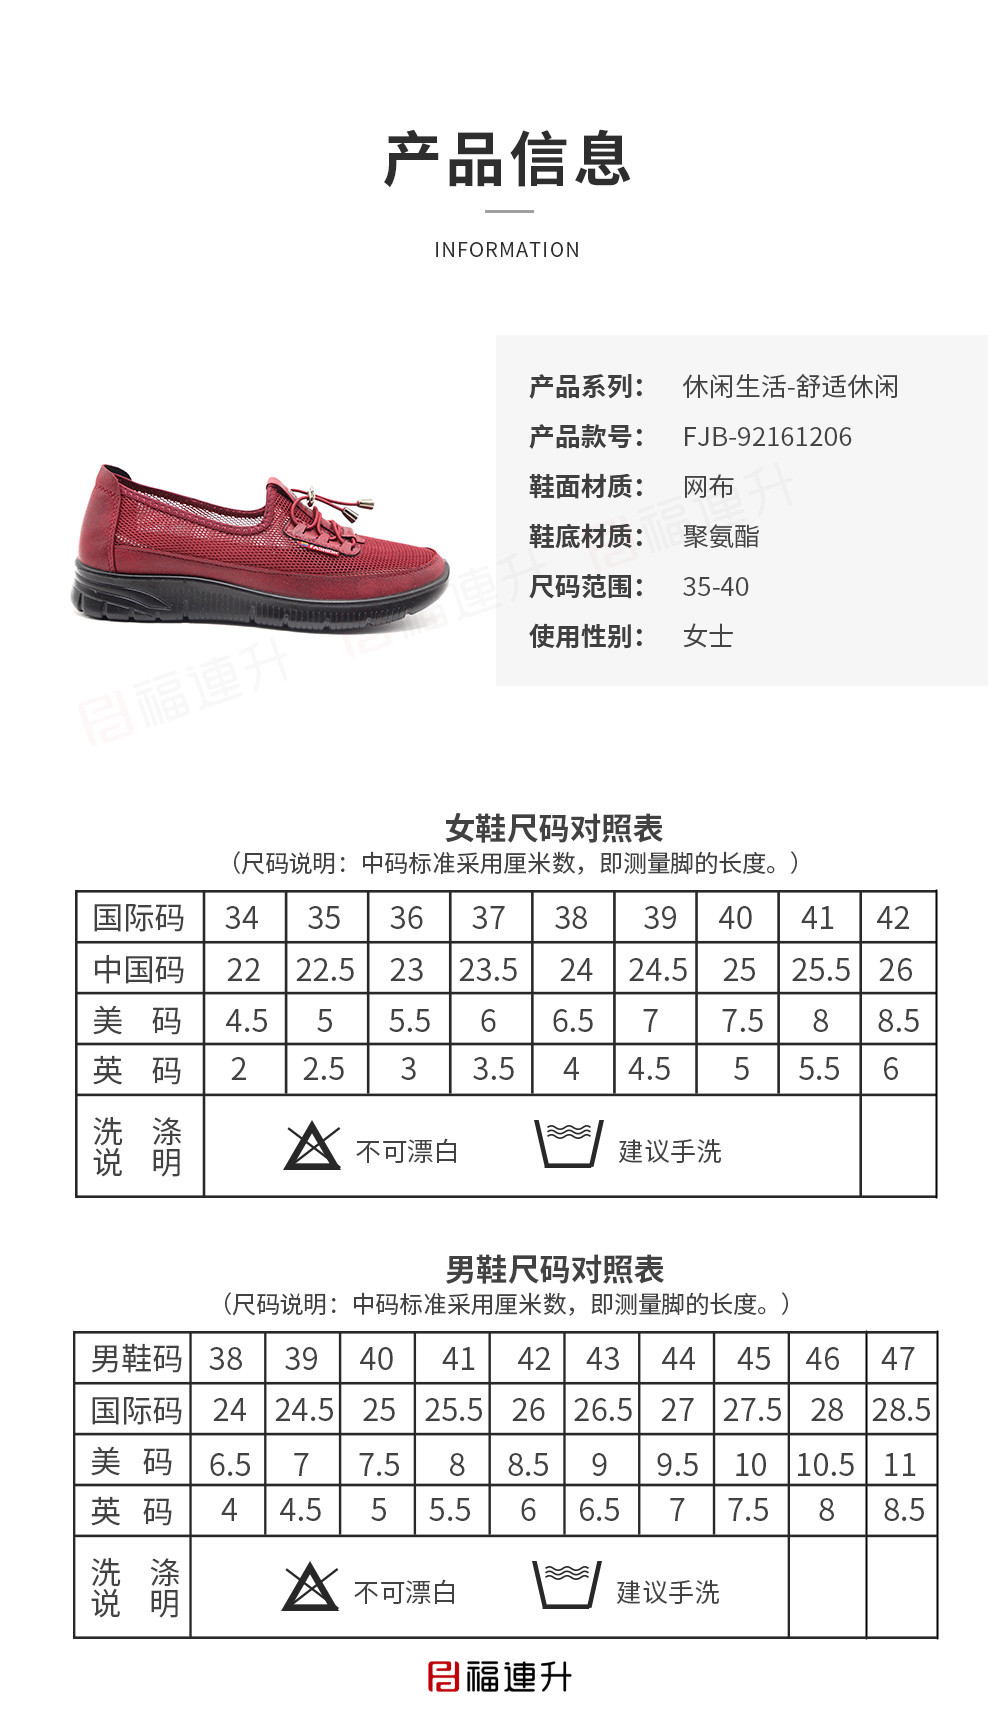 福连升夏季妈妈鞋女鞋舒适休闲养生鞋透气网布软底鞋子图片